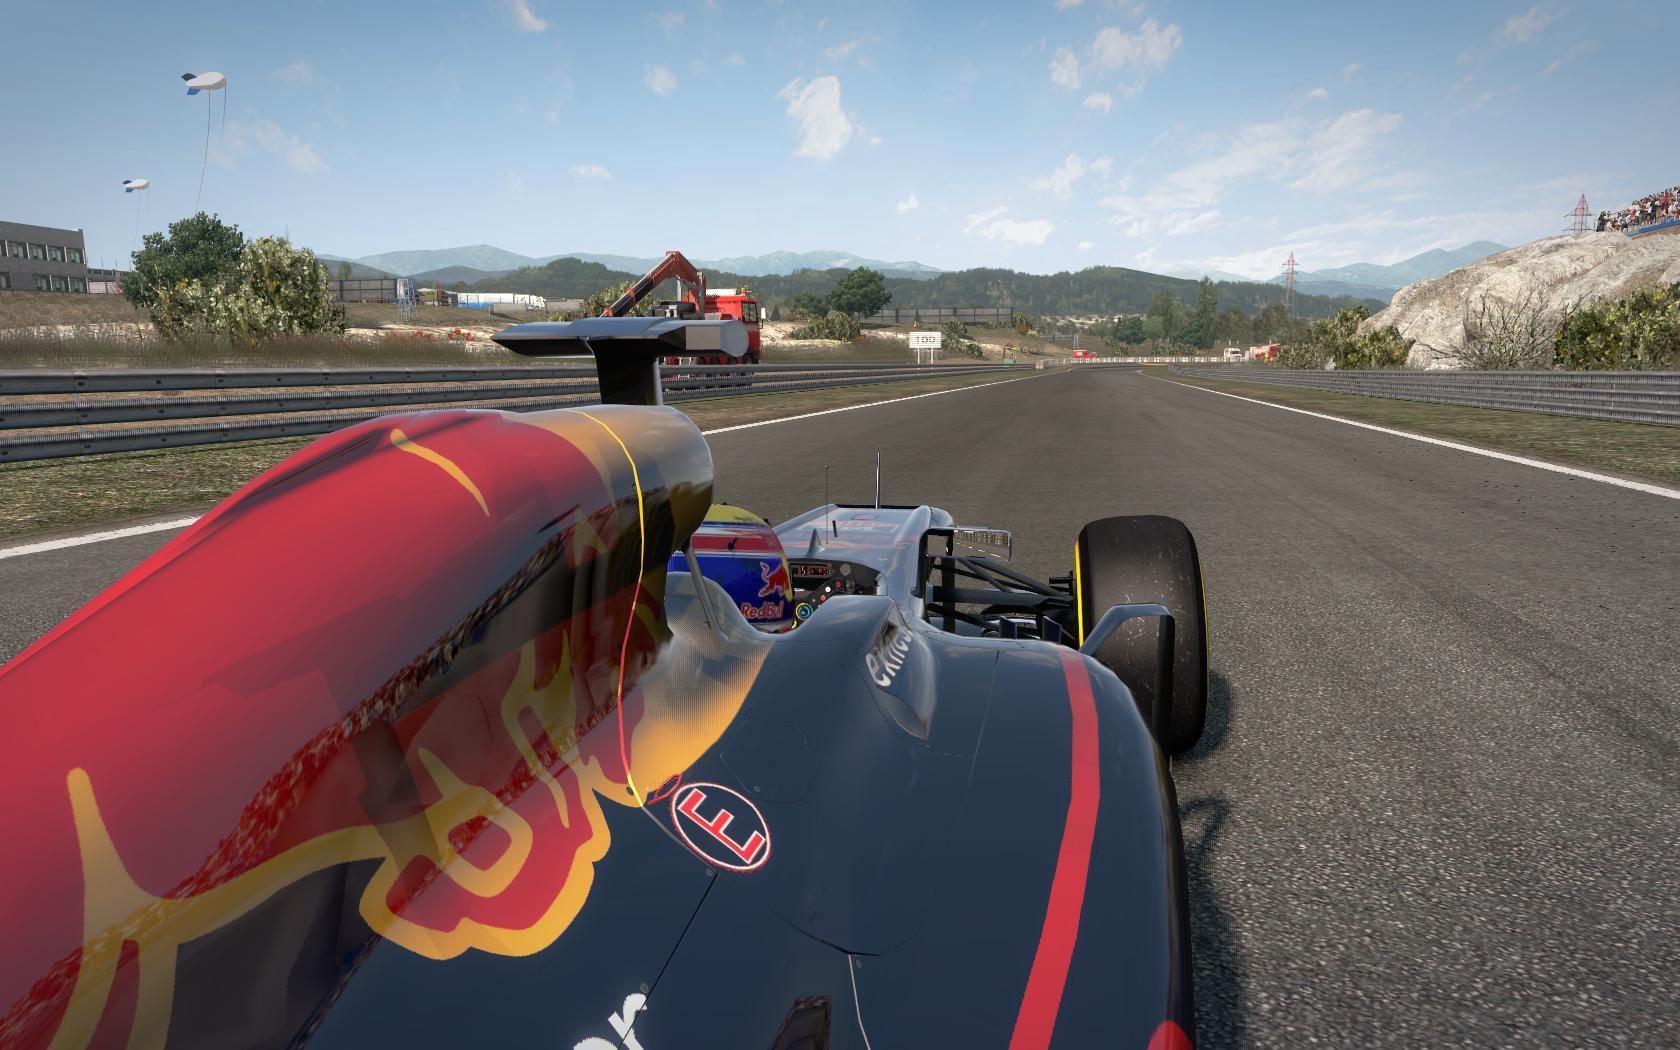 F1_2013 2016-04-21 18-05-43-16.jpg